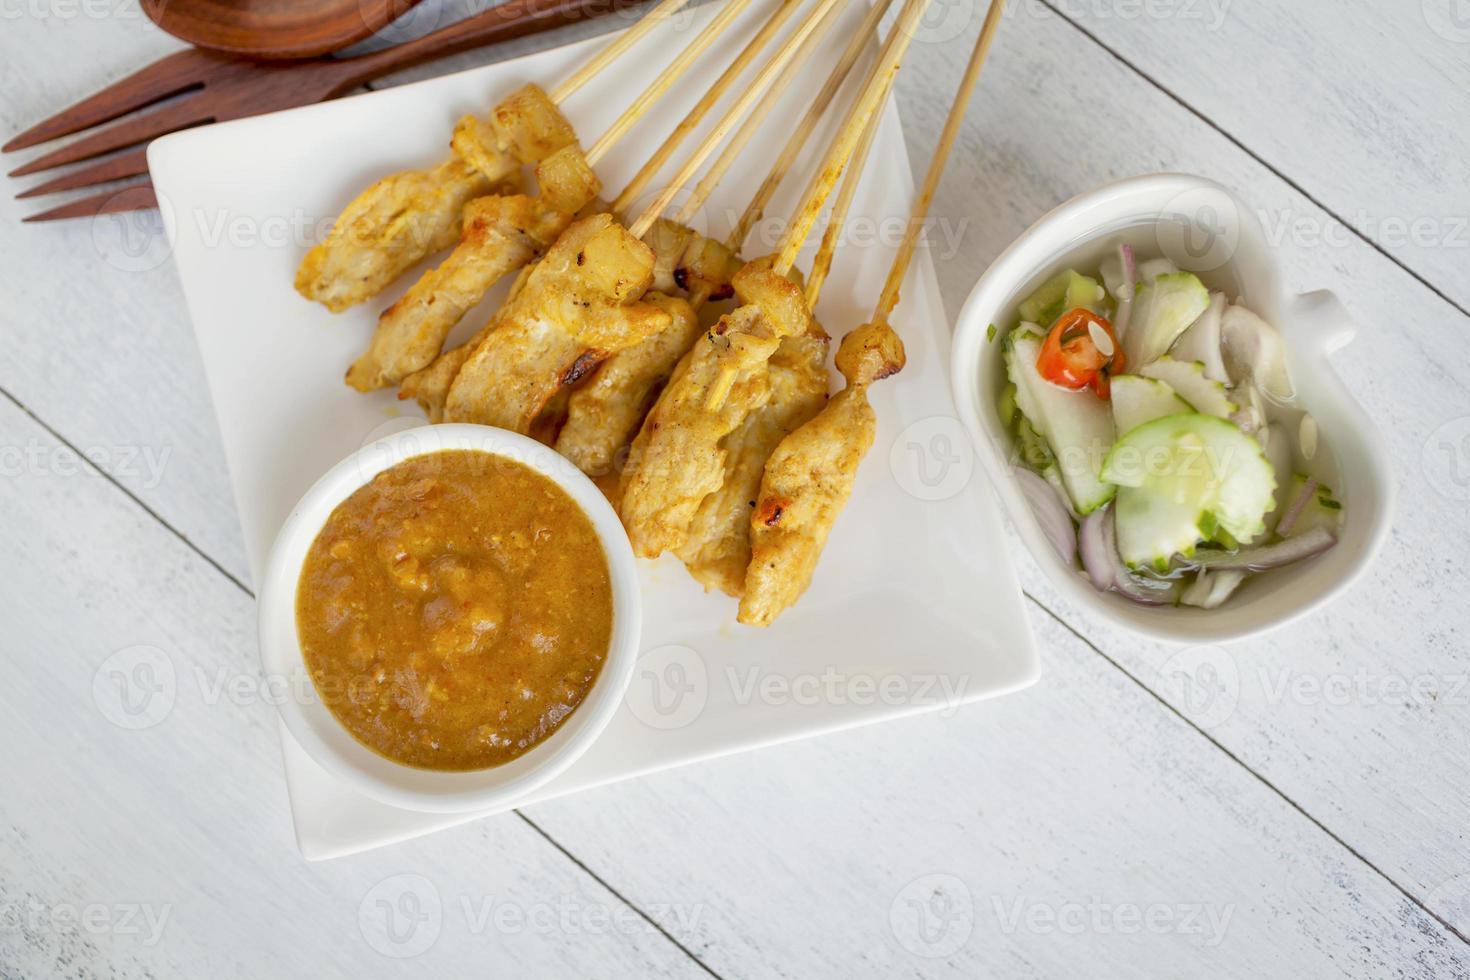 espetadas de porco estilo tailandês com molho de amendoim foto